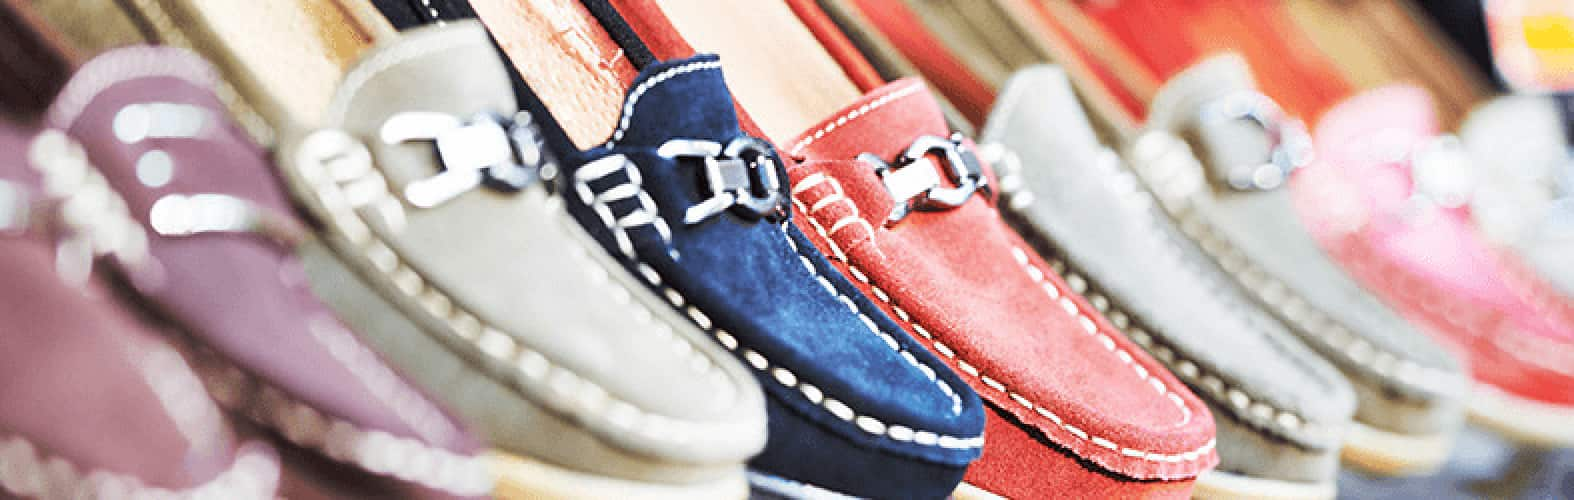 STC Group, thử nghiệm nguyên phụ liệu thời trang và giày dép